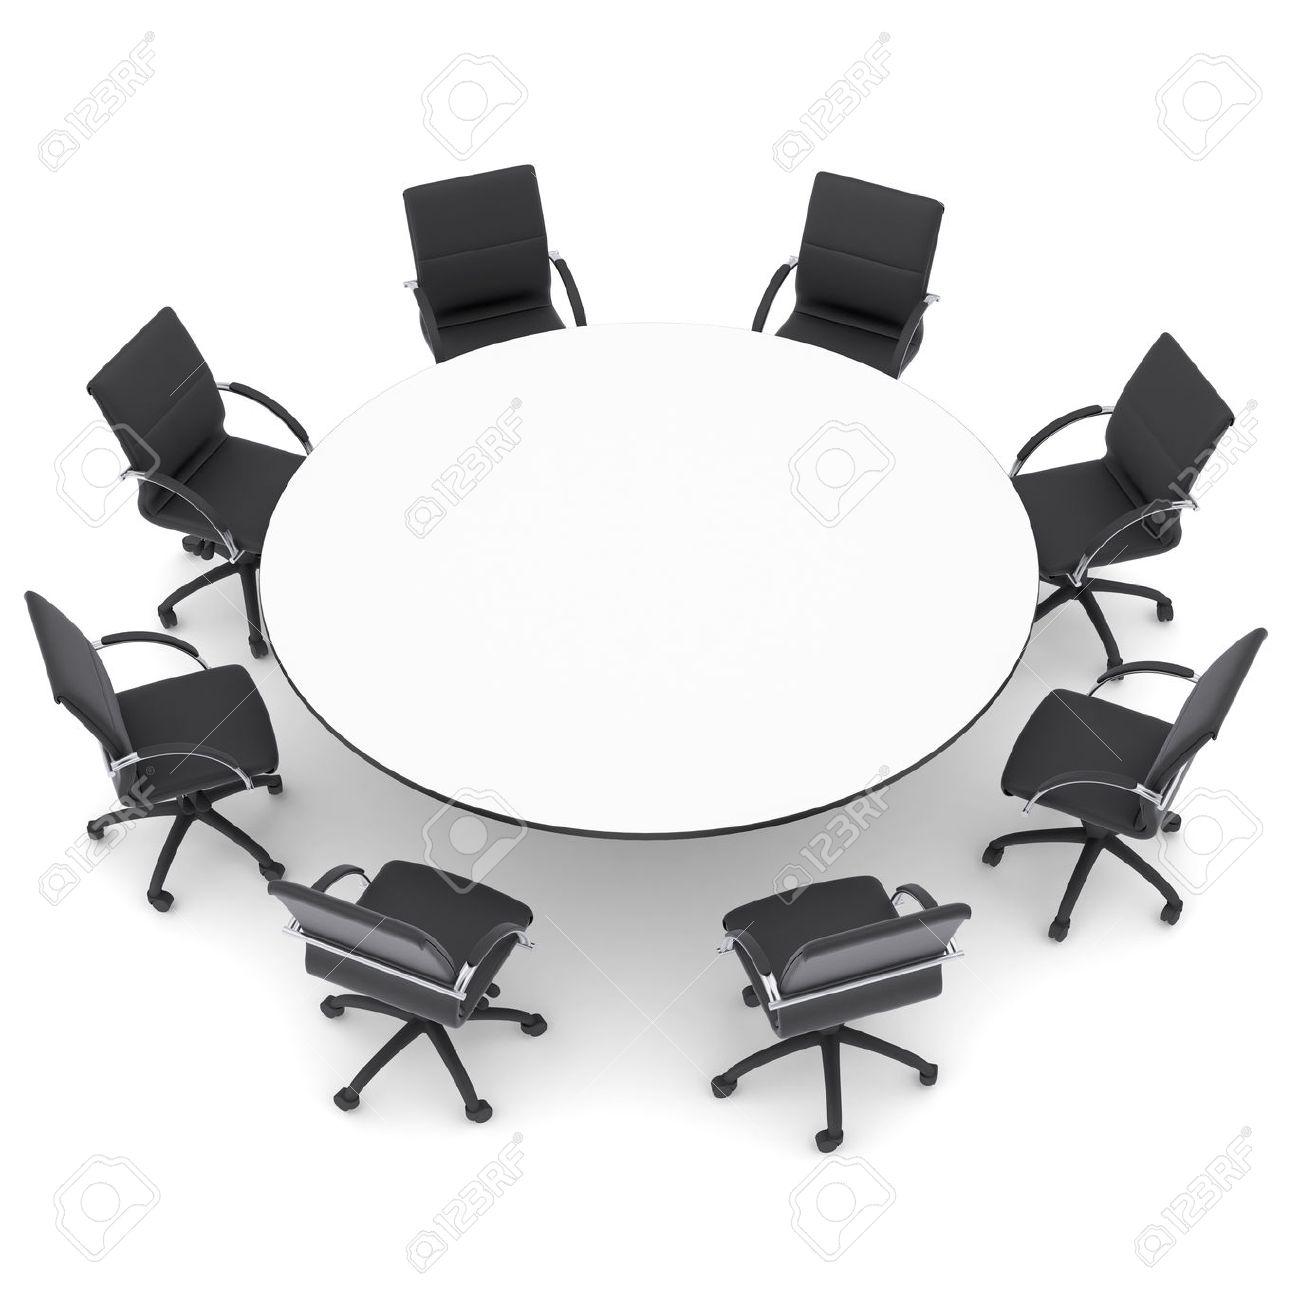 Les Chaises De Bureau Et Table Ronde Rendre Isol Sur Un Fond Blanc